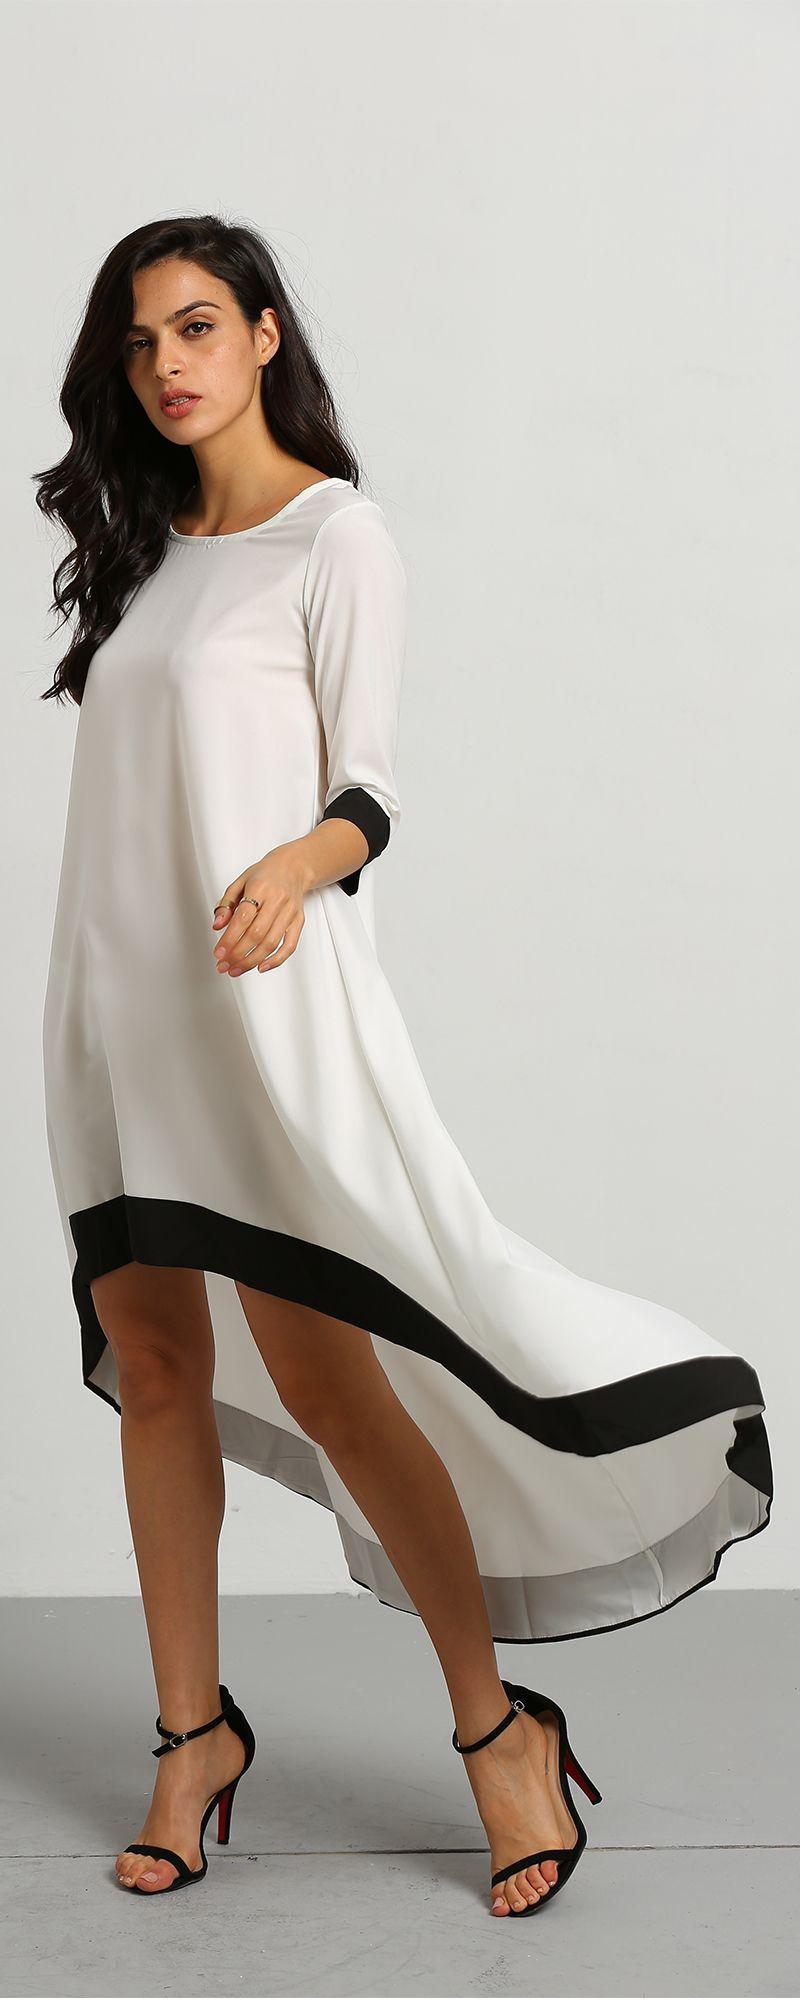 White Round Neck Contrast Trims High Low Dress - shein.com | Soak Up ...